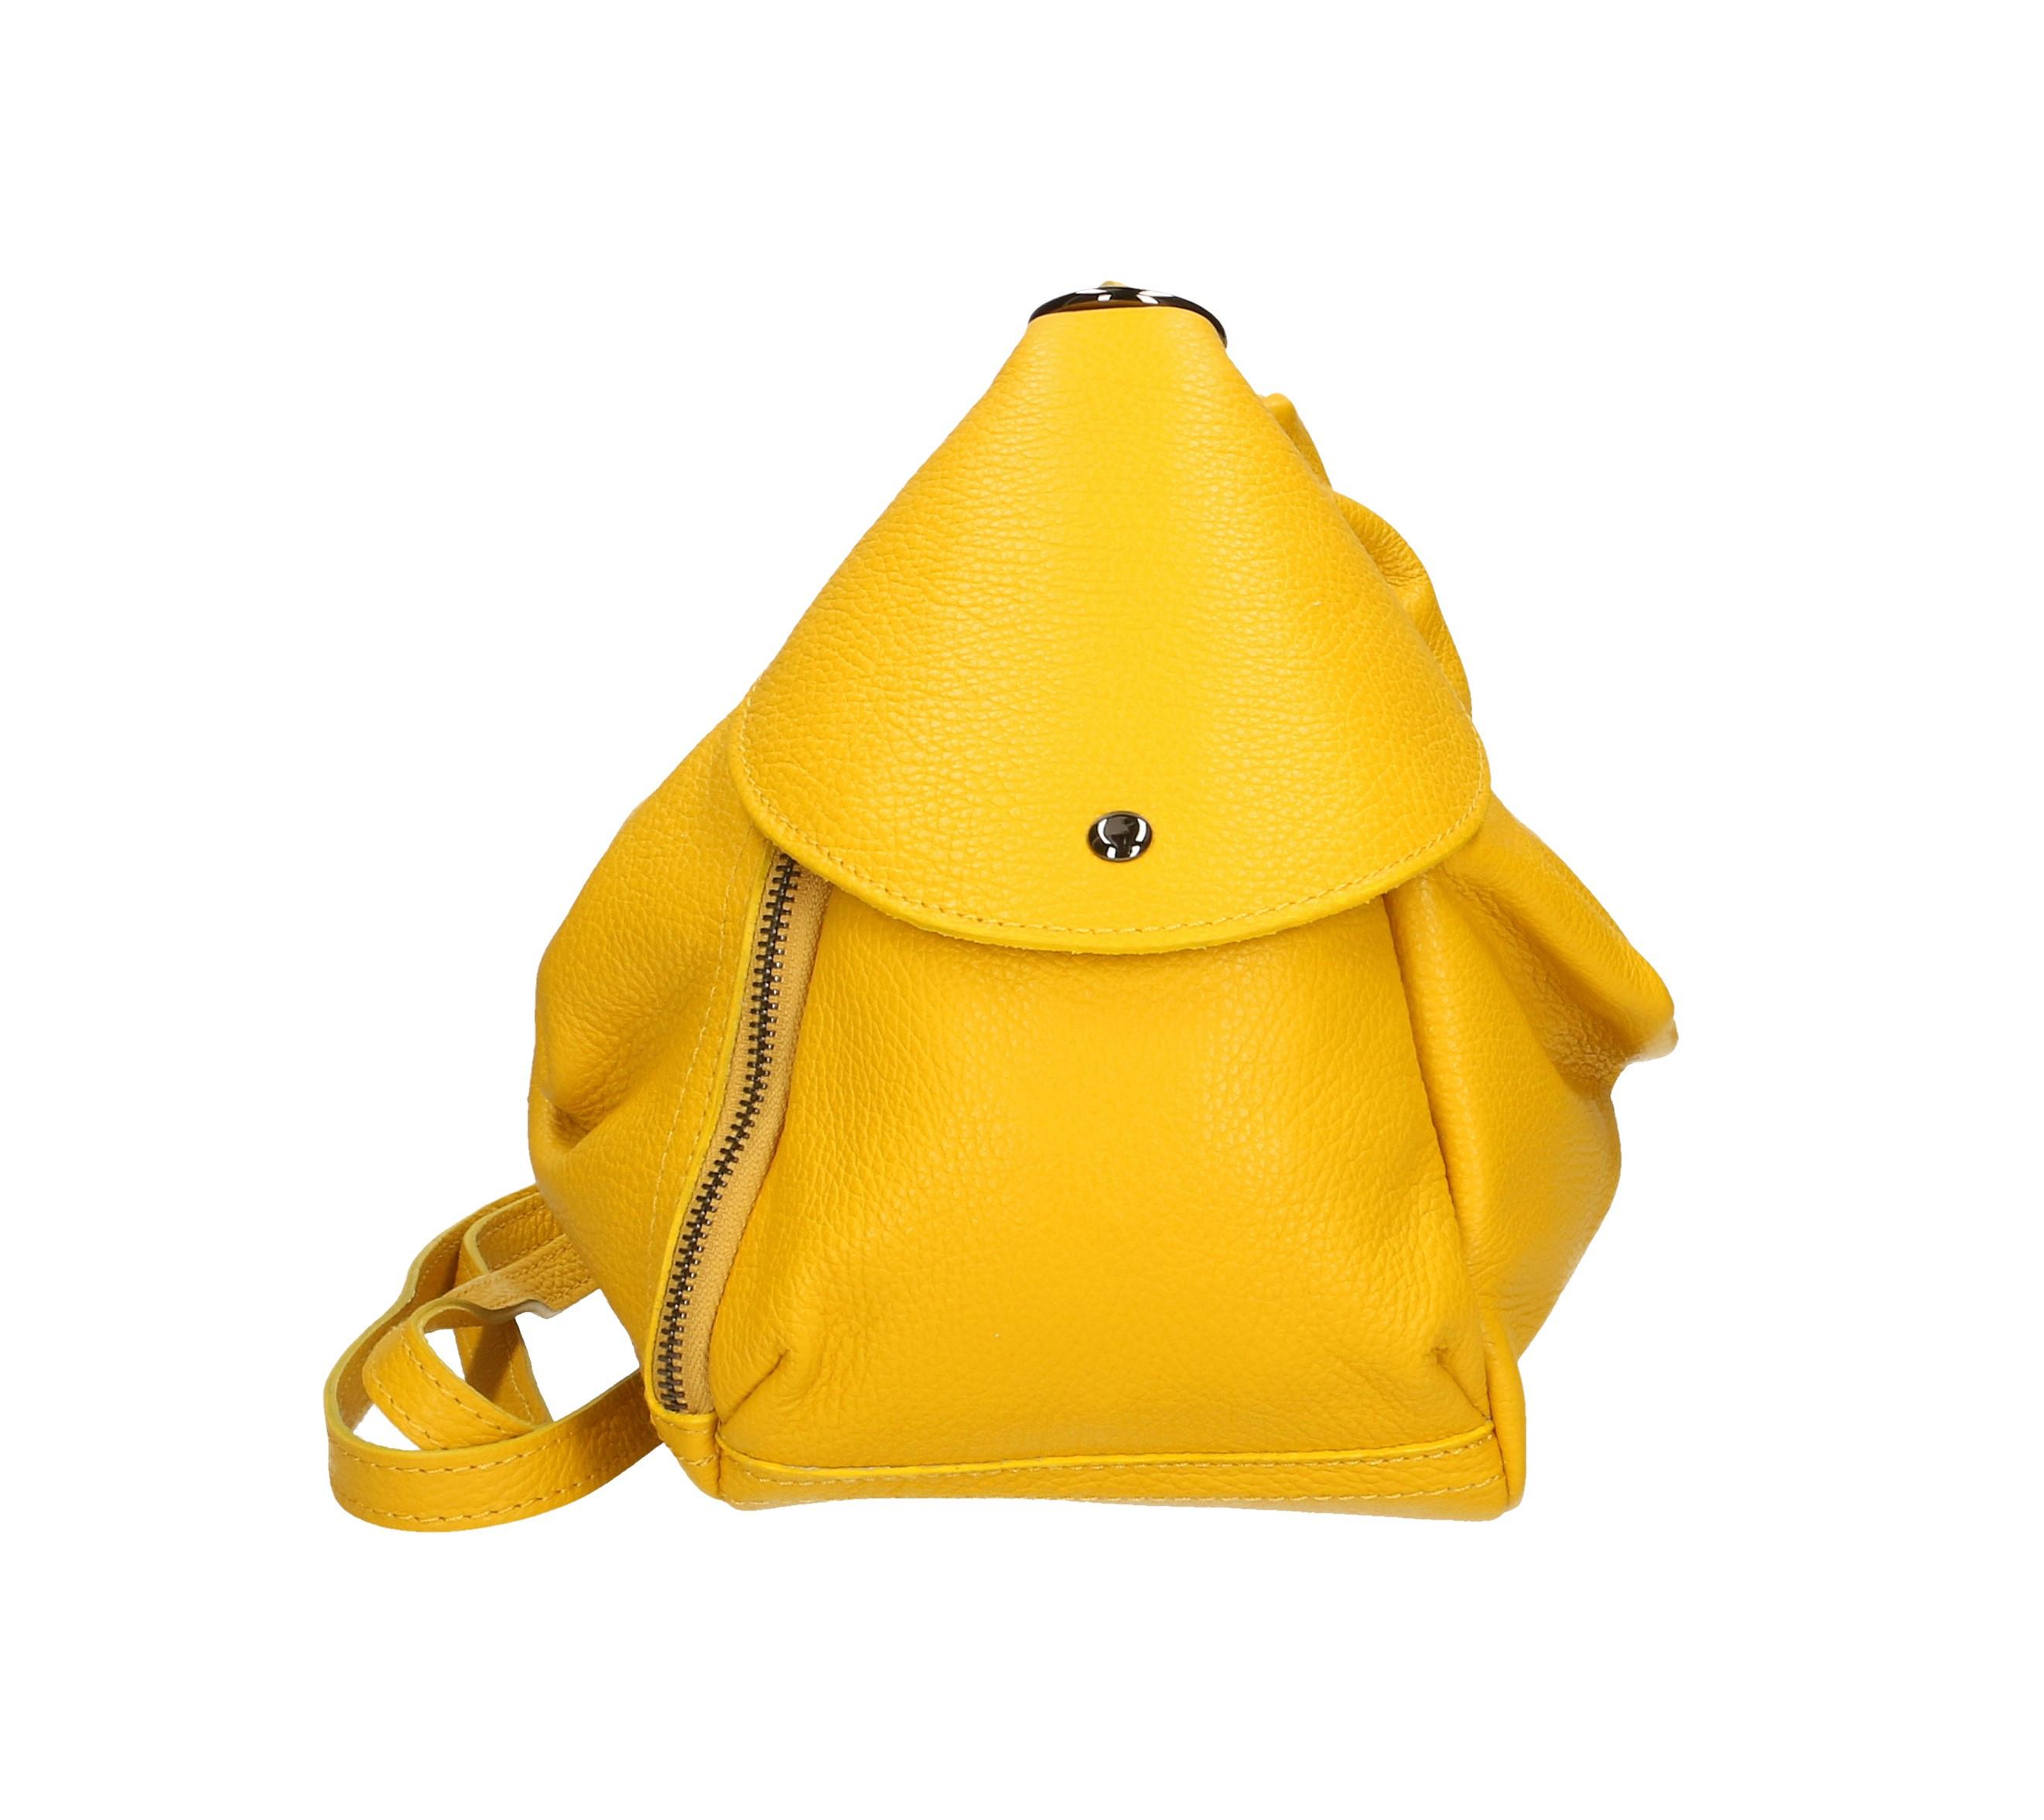 Praktický žlutý kožený větší batůžek tessi